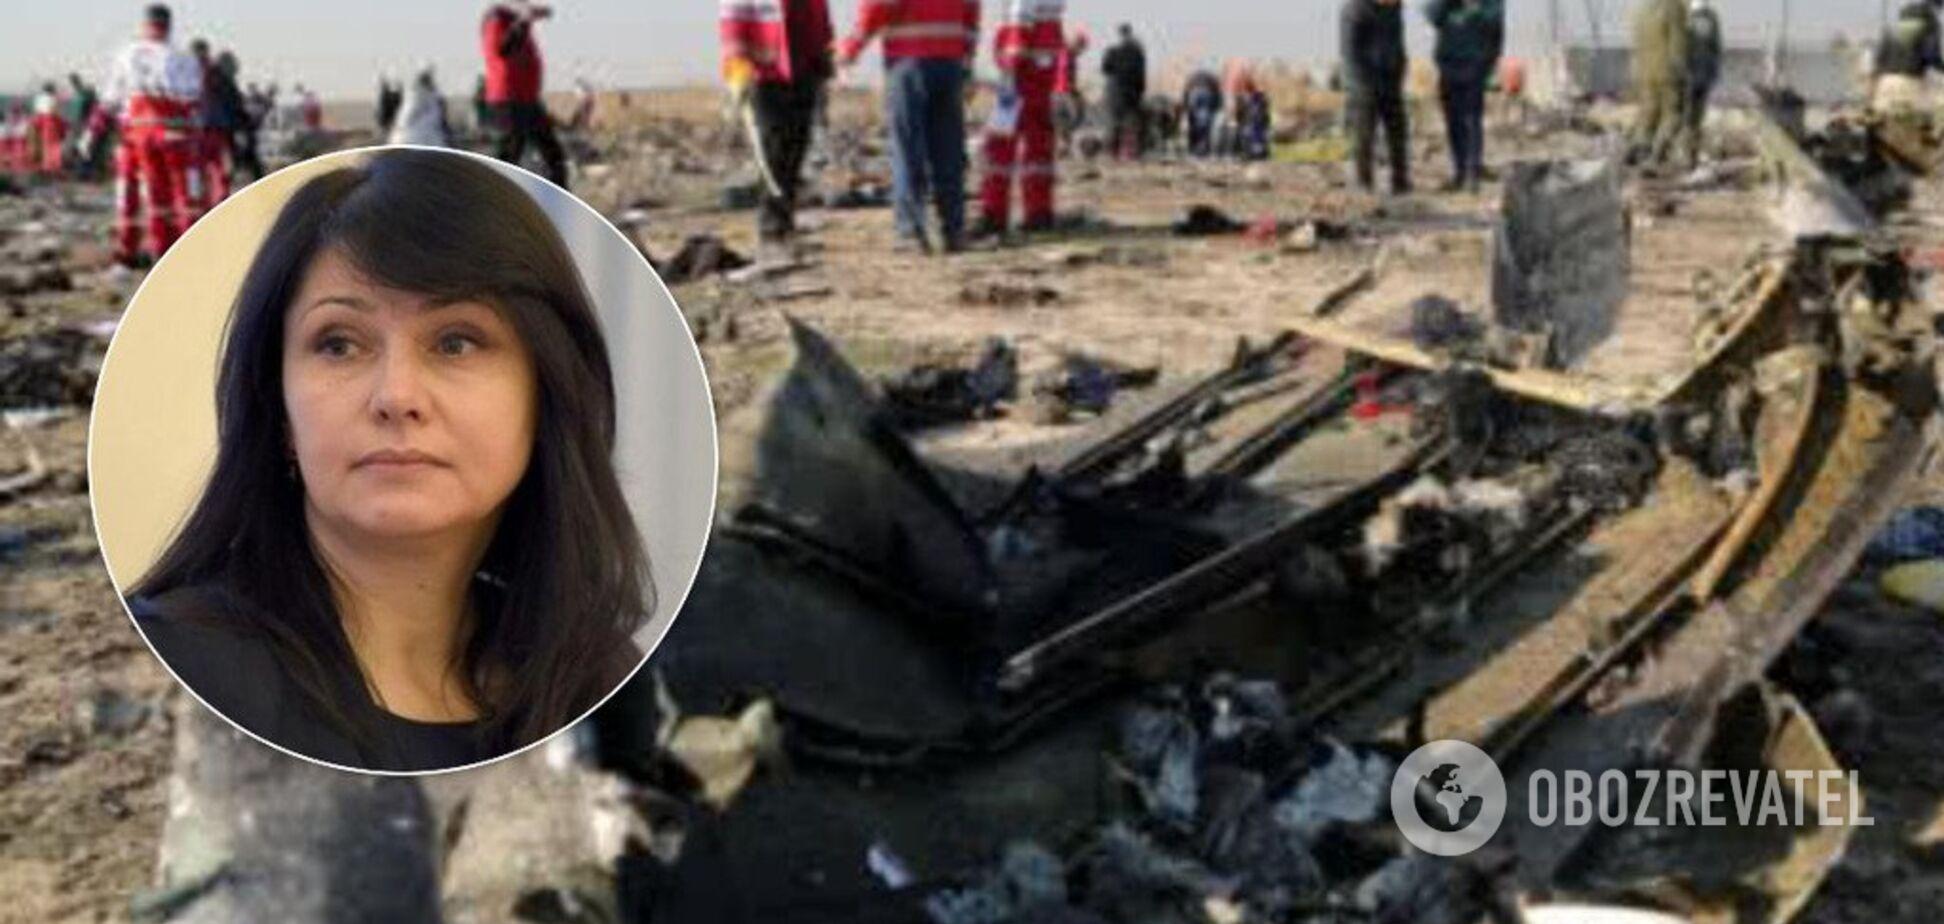 'Політизація неприпустима': у Порошенка вимагають незалежного розслідування авікатастрофи МАУ в Ірані